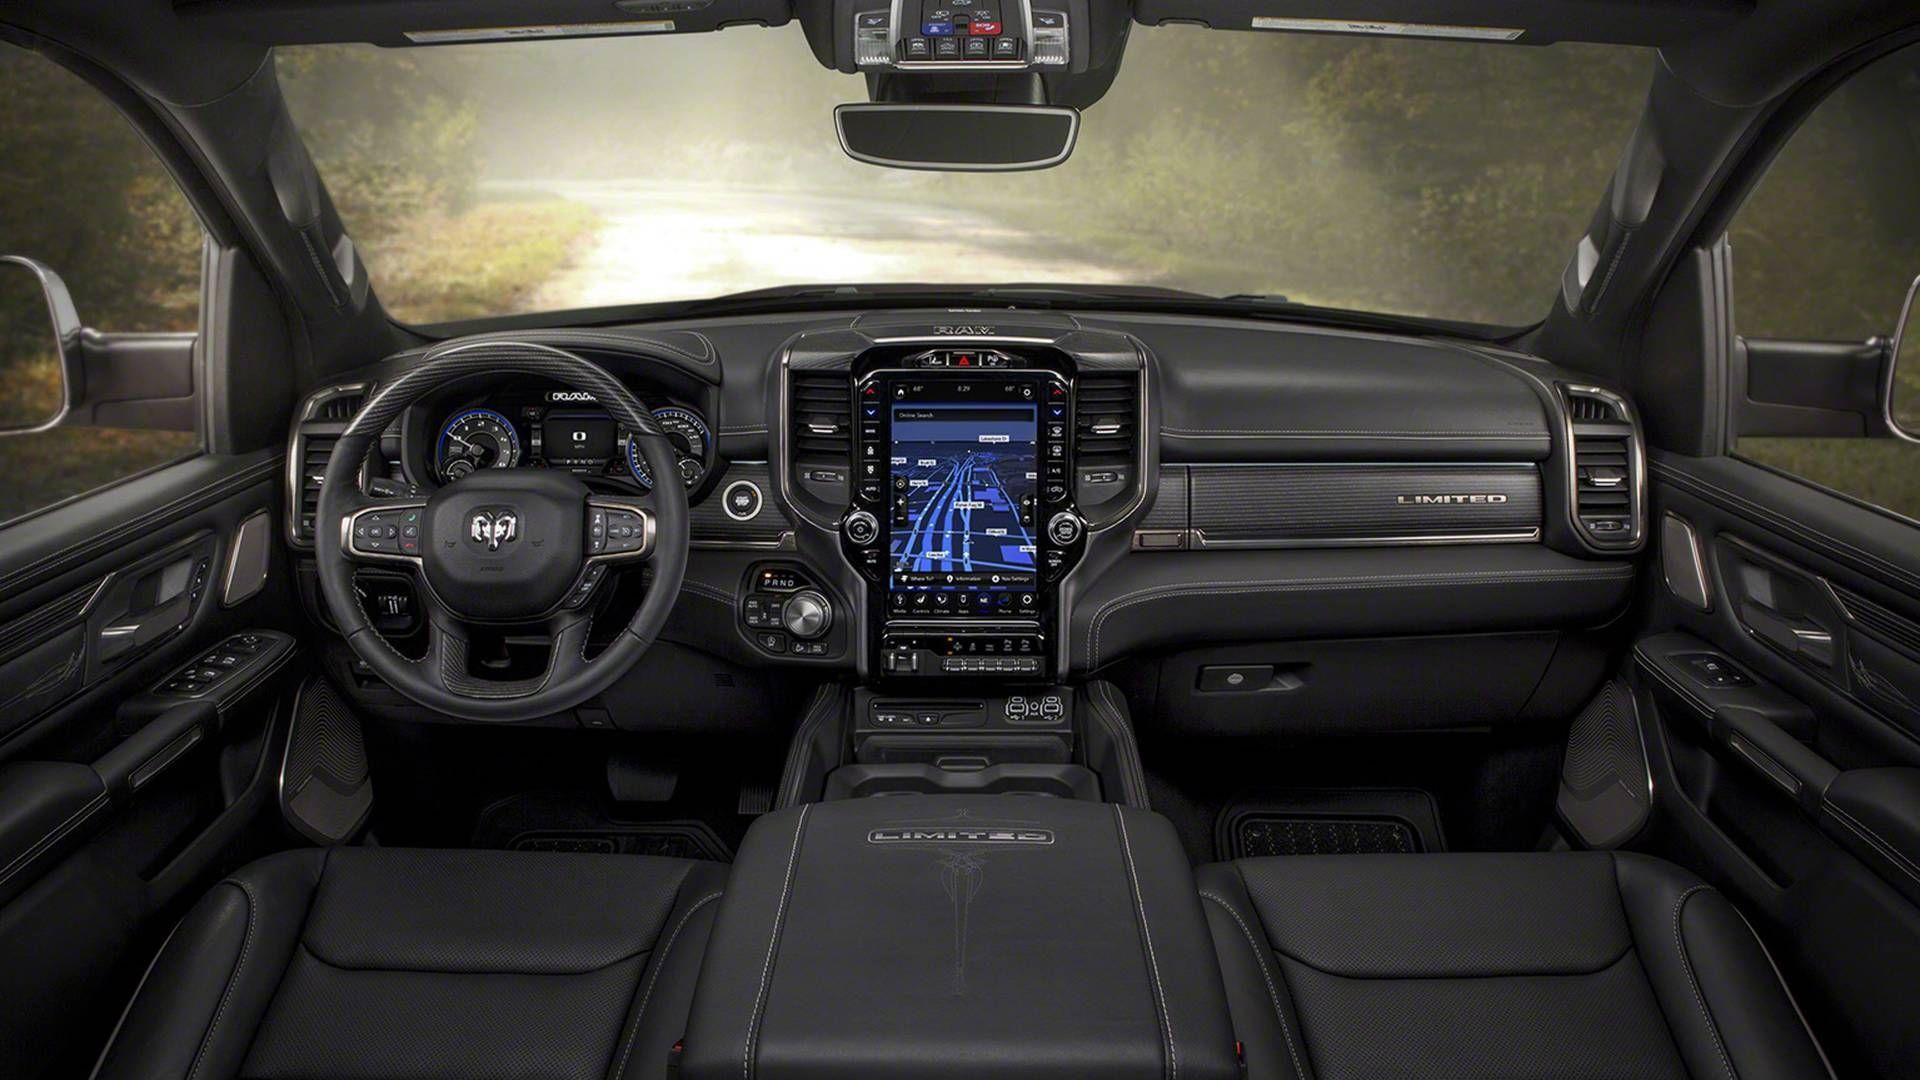 Ram 1500 Chega Ao Brasil No Segundo Semestre De 2019 Com Motor V6 A Diesel Dodge Ram 2500 Interior Do Caminhao Dodge Ram 1500